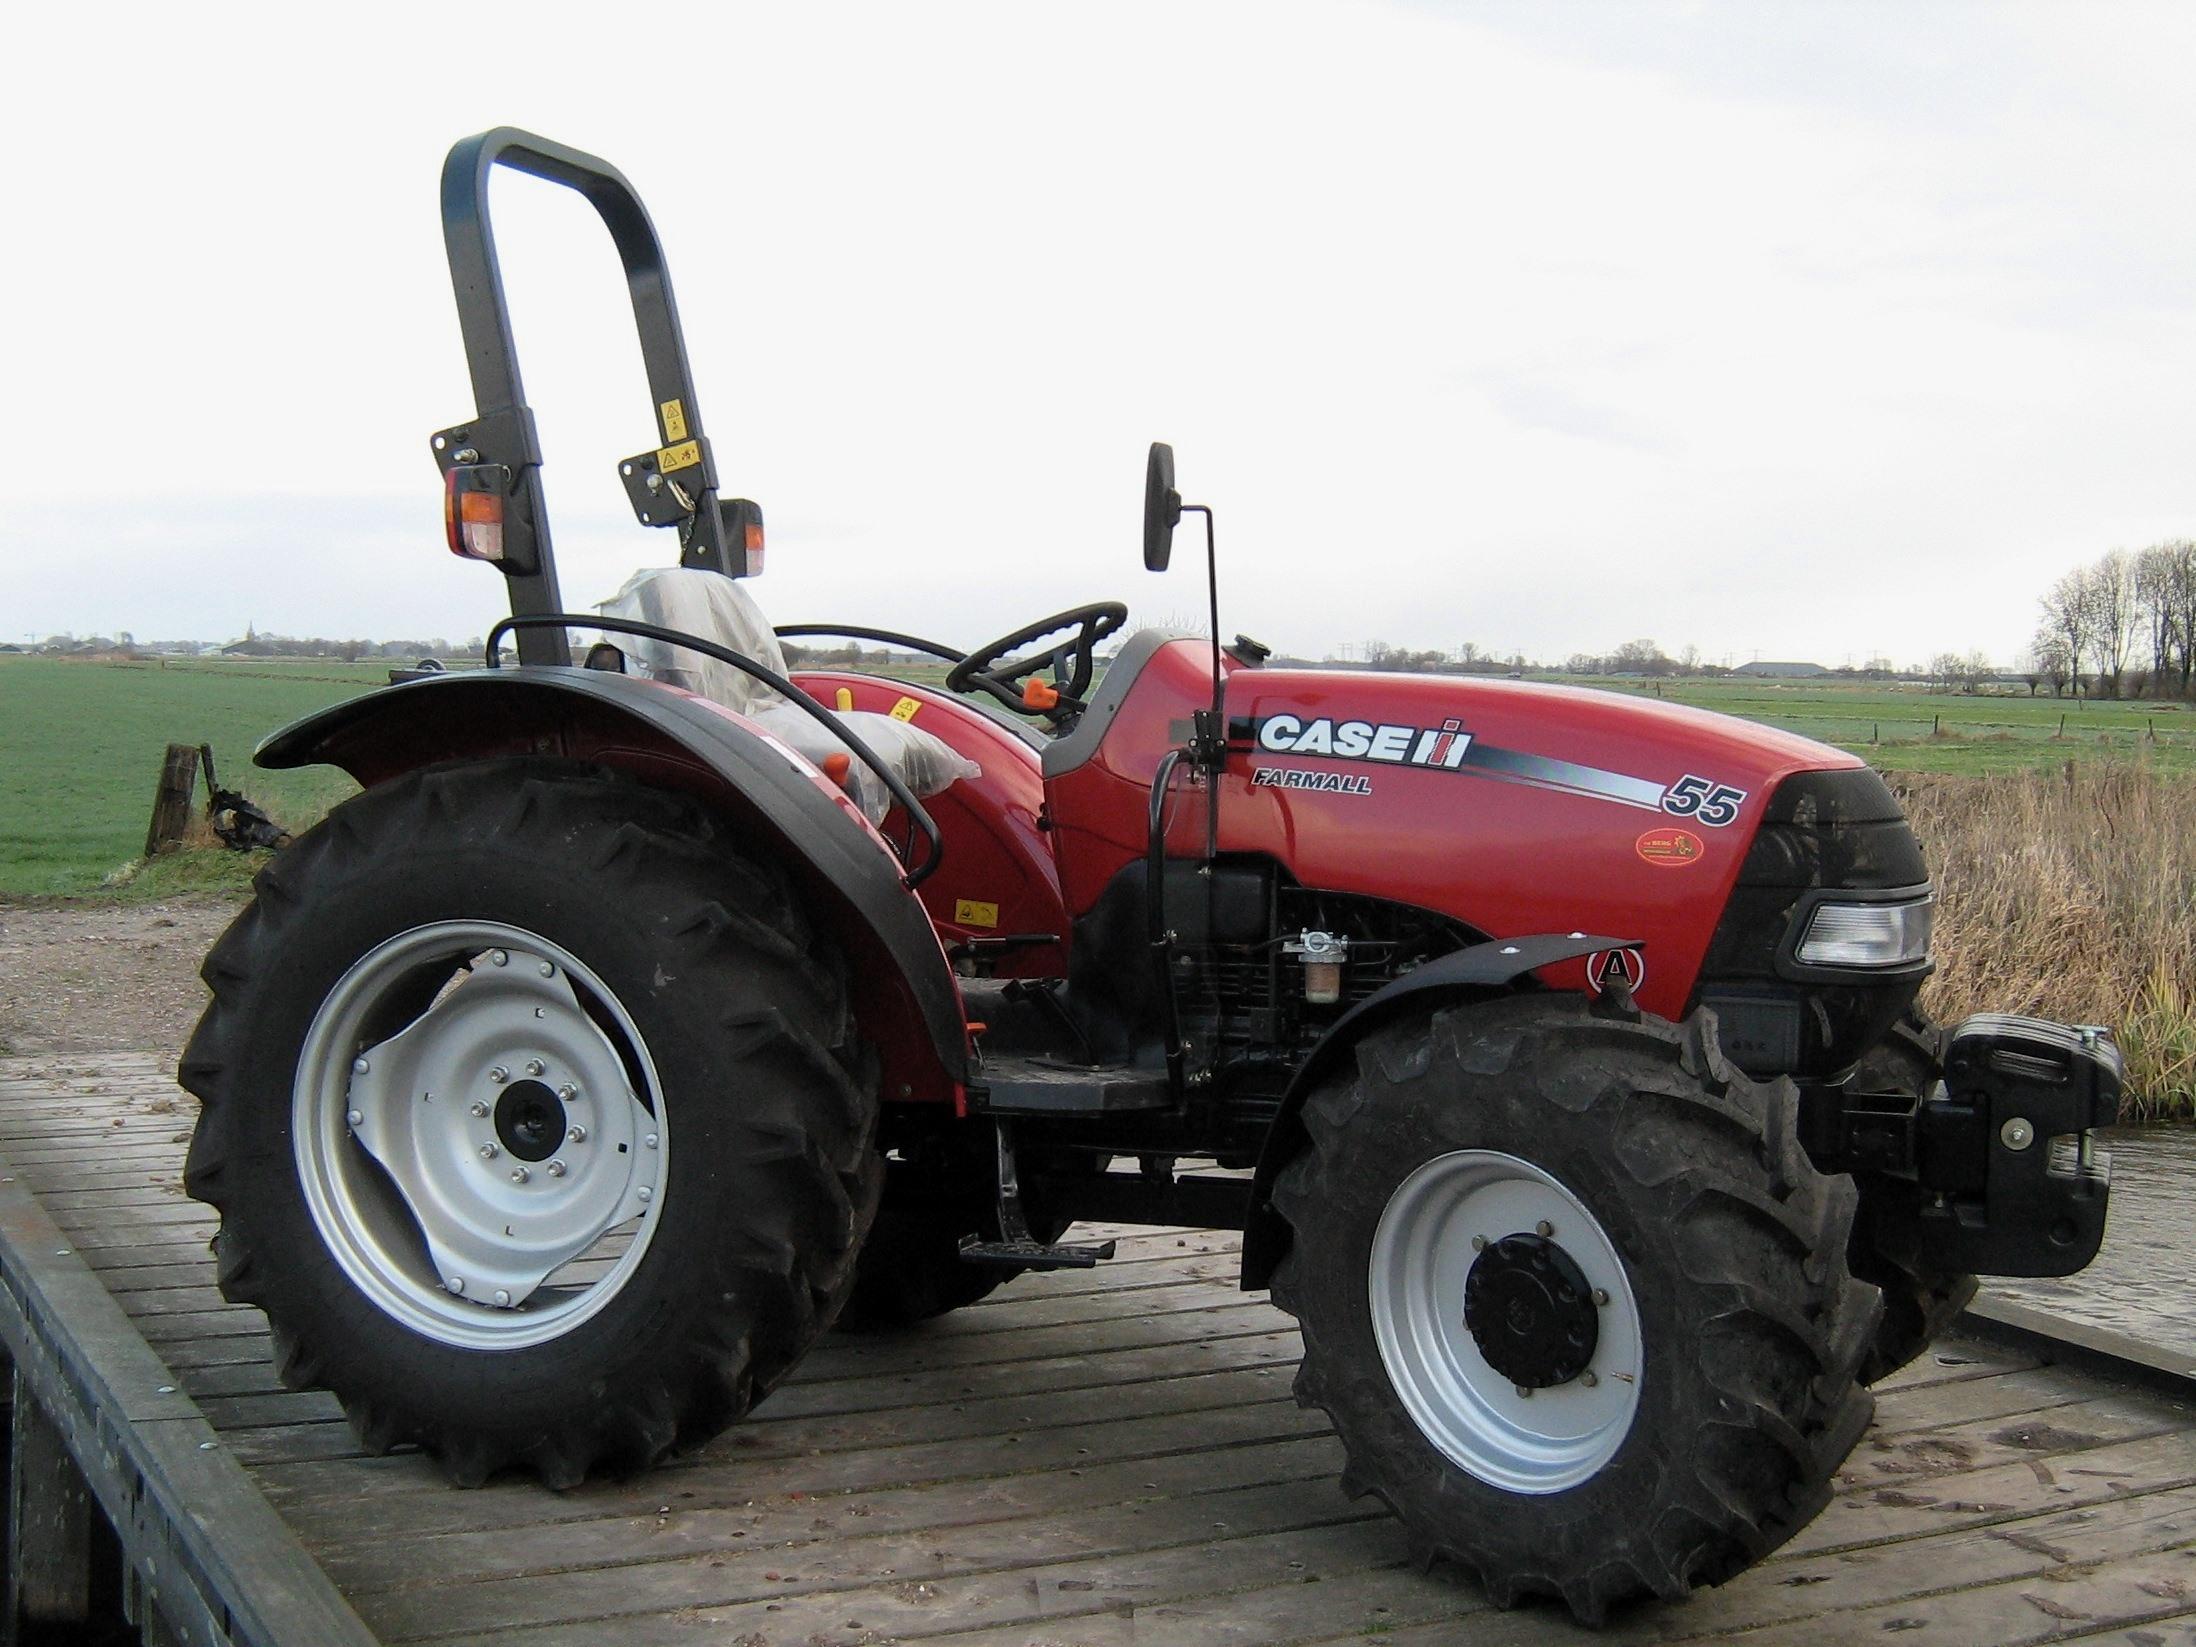 Caseih Farmall 55a Farm Tractor | Caseih Farm Tractors